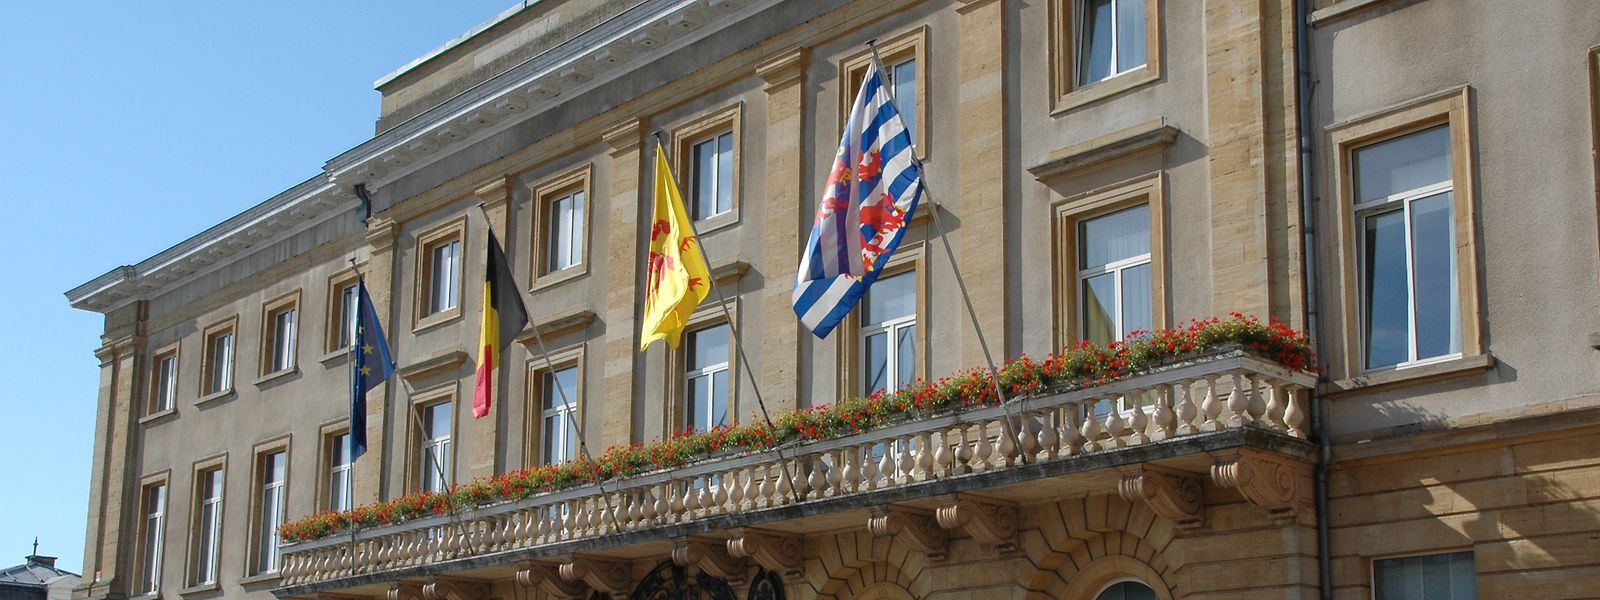 La province de Luxembourg connaît la plus forte progression démographique parmi les cinq provinces wallonnes